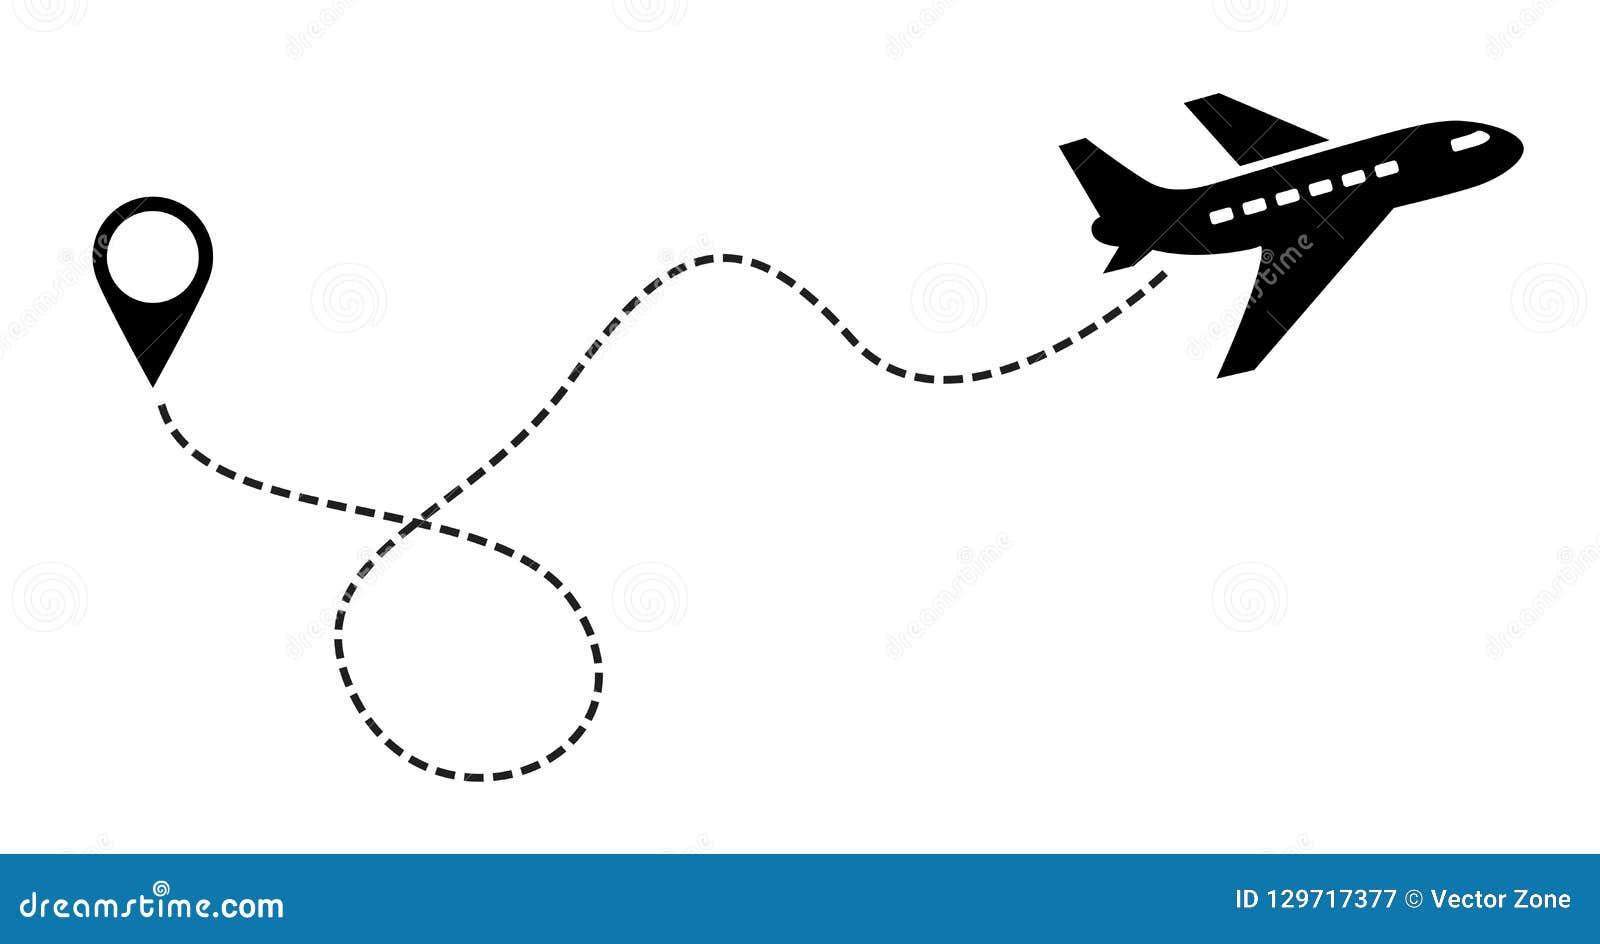 Чернота значка плоского вектора Символ для карты, воздушное судно ярлыка Editable иллюстрация хода